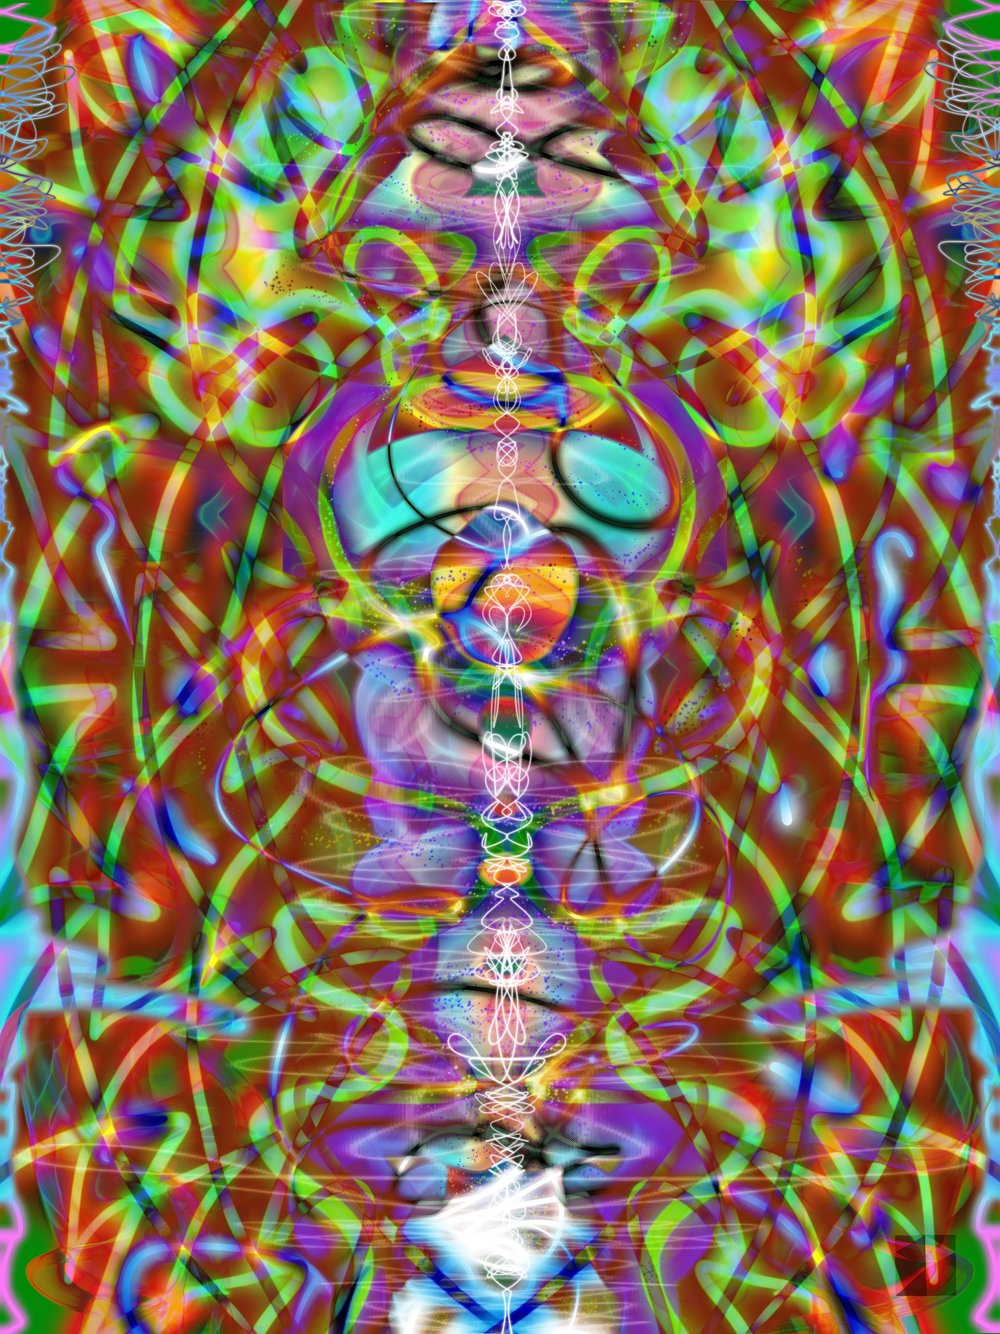 Maya   Electronics Paintings  Maya 2019 SP  dimensions variable